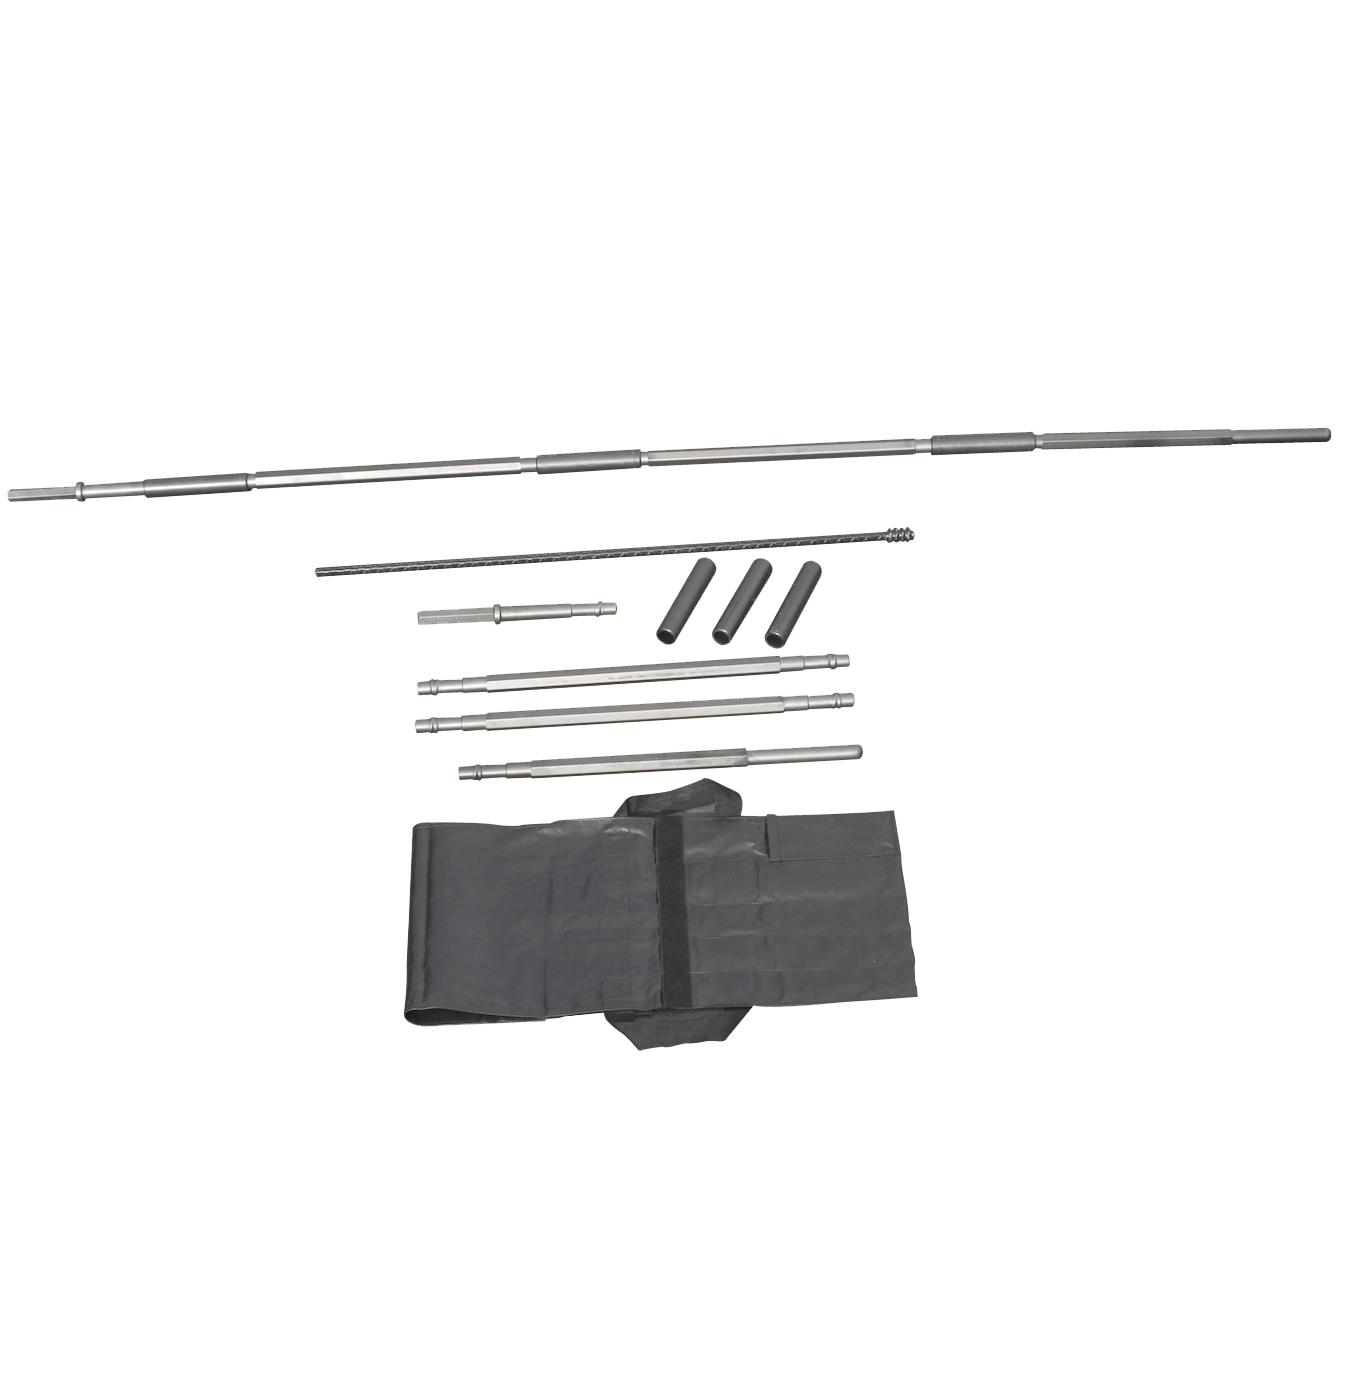 manta ray installation equipment